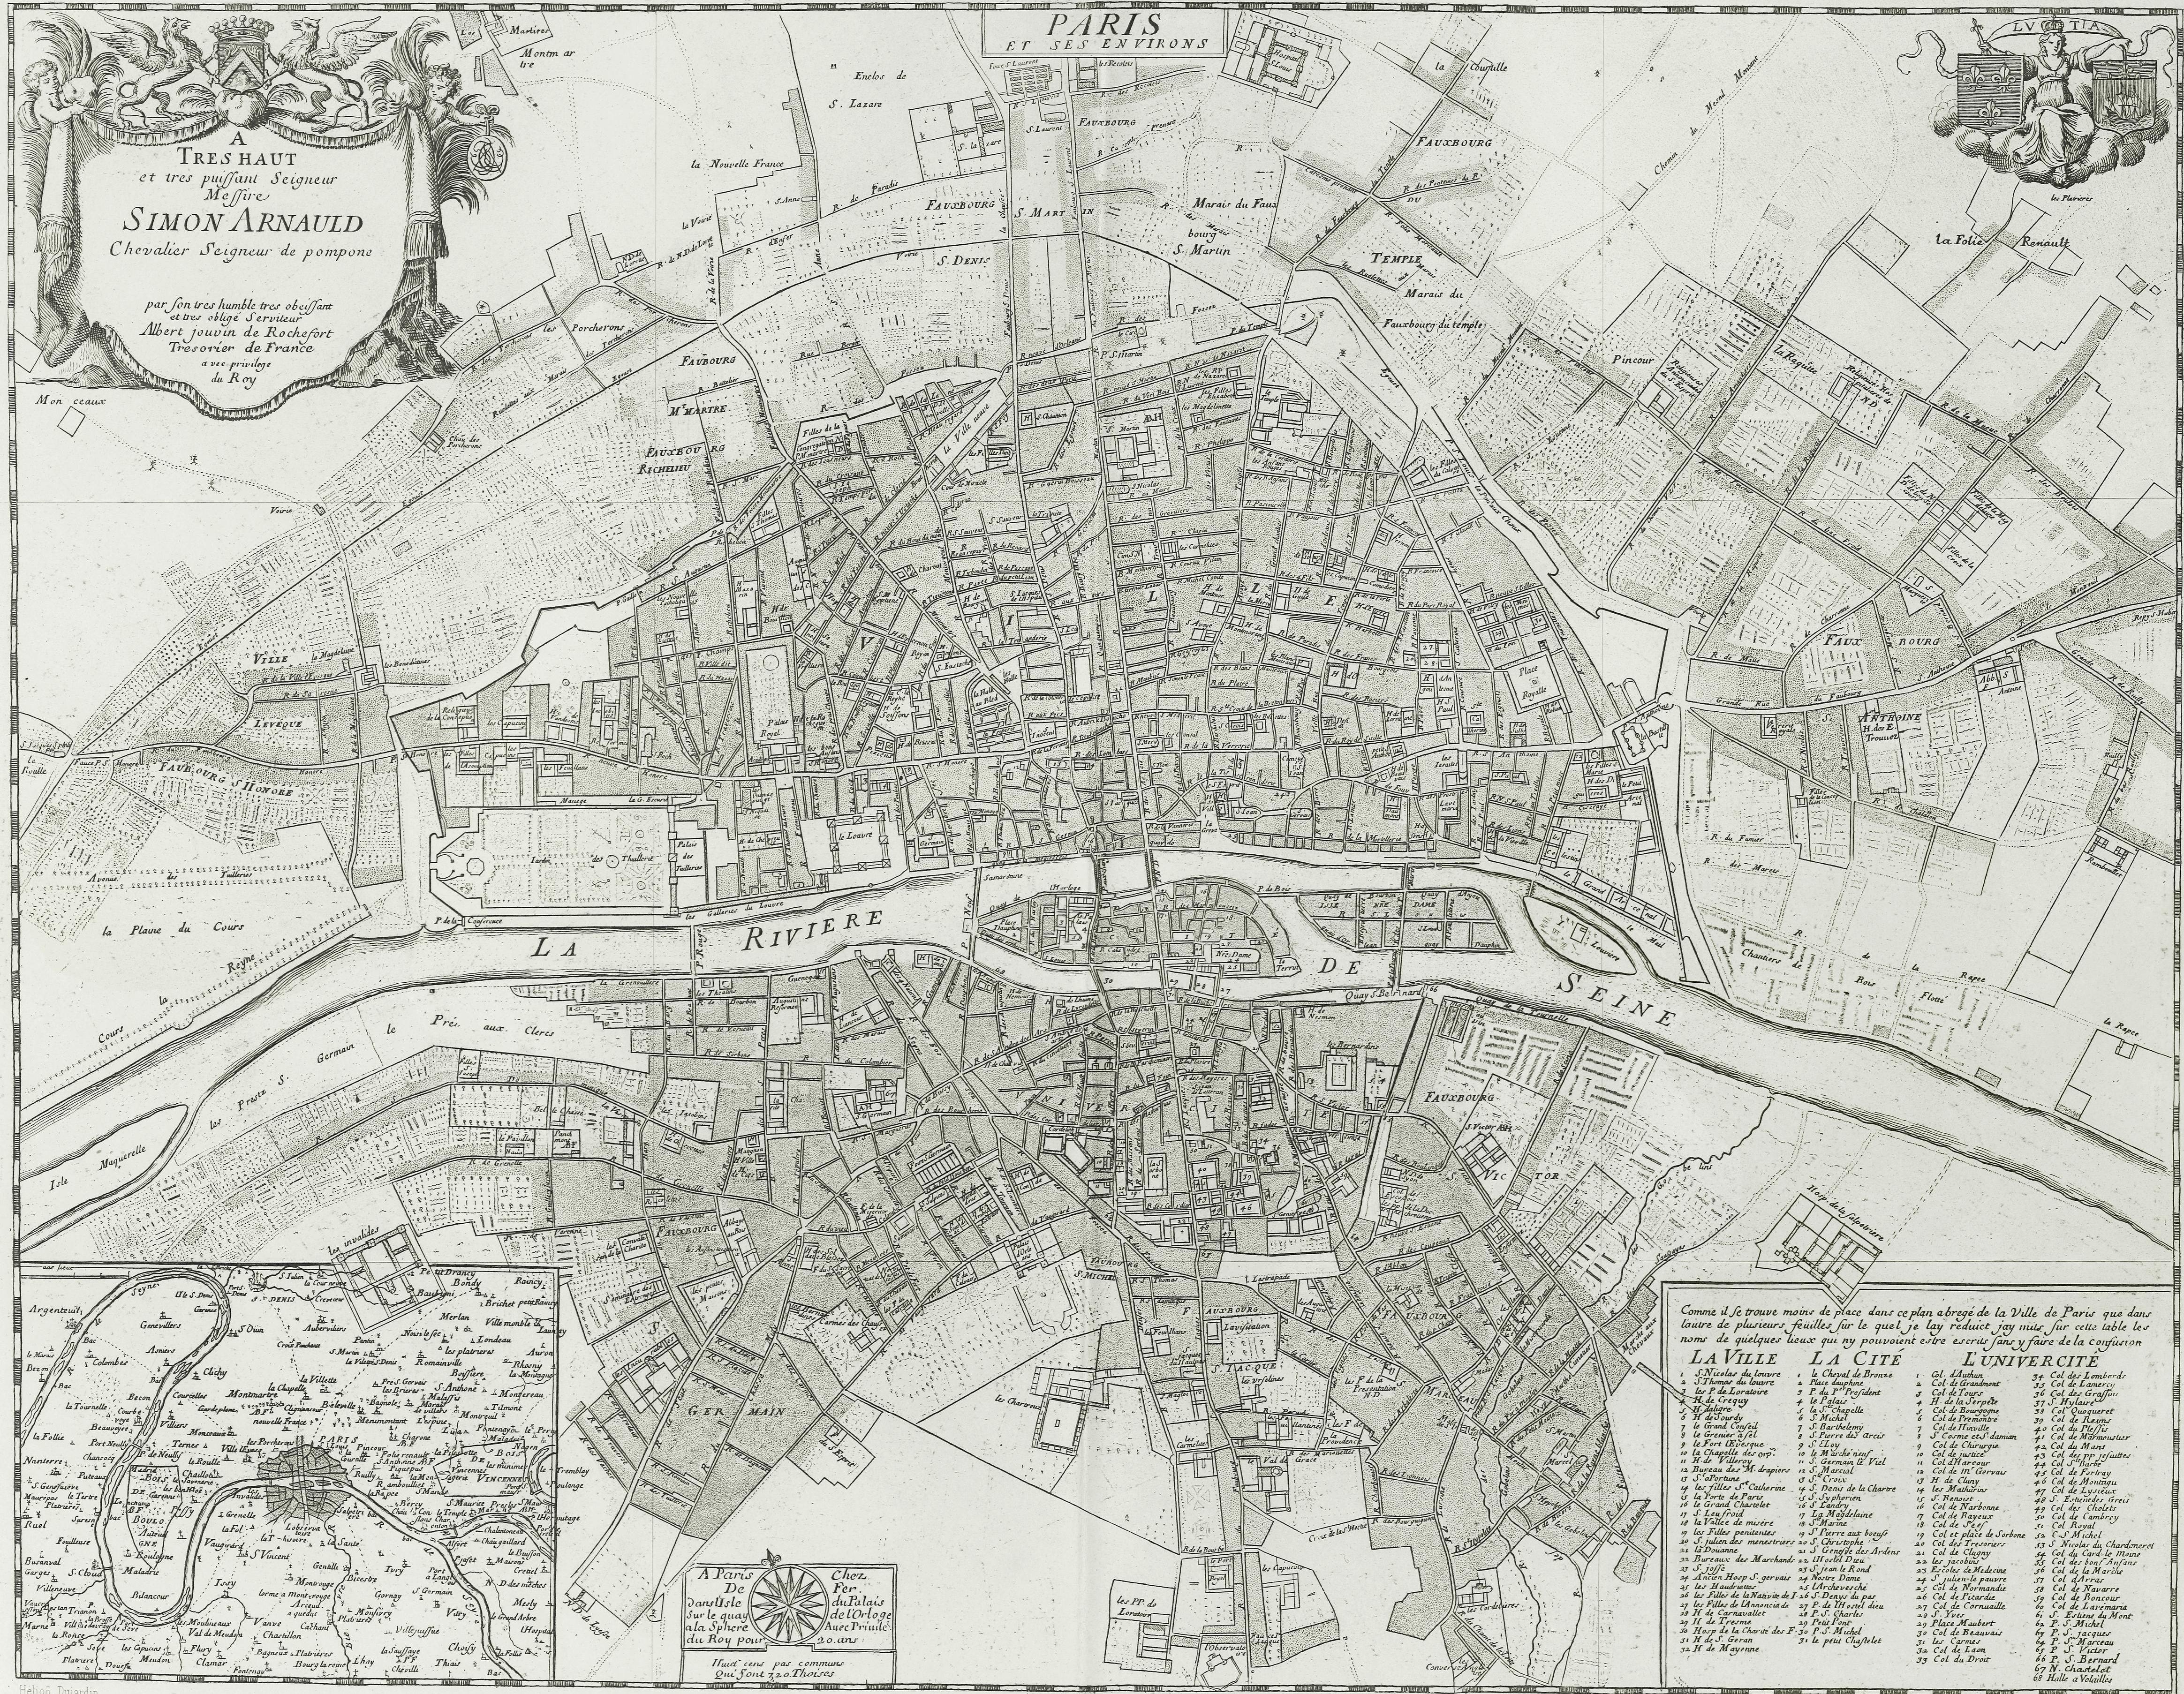 File:1676 Plan de Nicolas de Fer d'après Jouvin.jpg